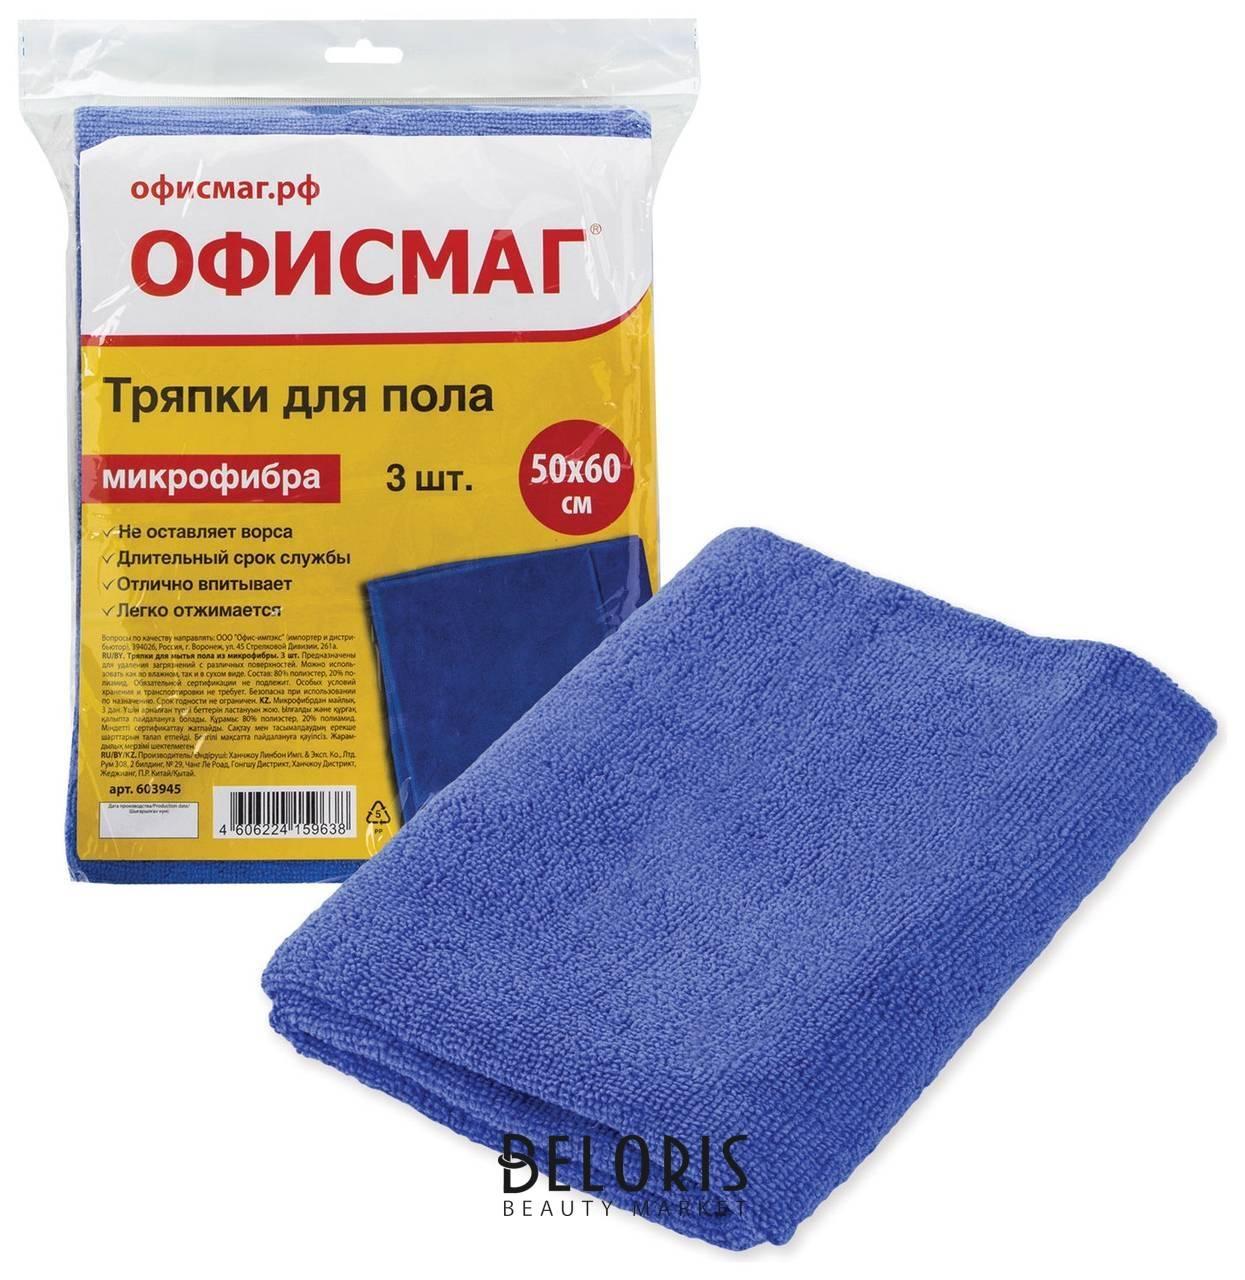 Тряпки для мытья пола, комплект 3 шт., микрофибра, 50х60 см, синие, ОФИСМАГ  Офисмаг